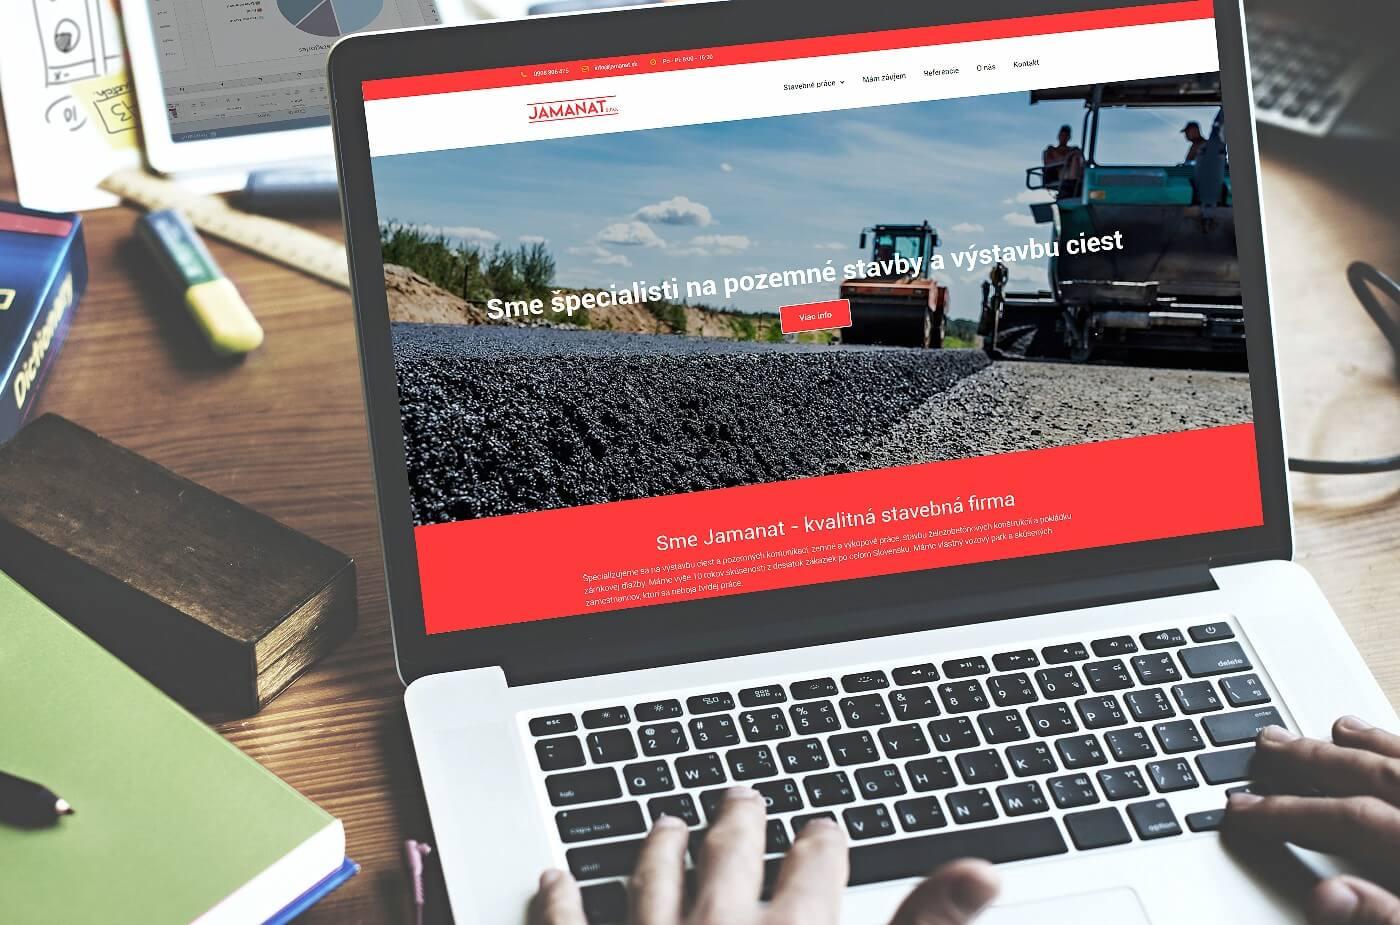 Tvorba web stránky www.jamanat.sk | Webovica.sk